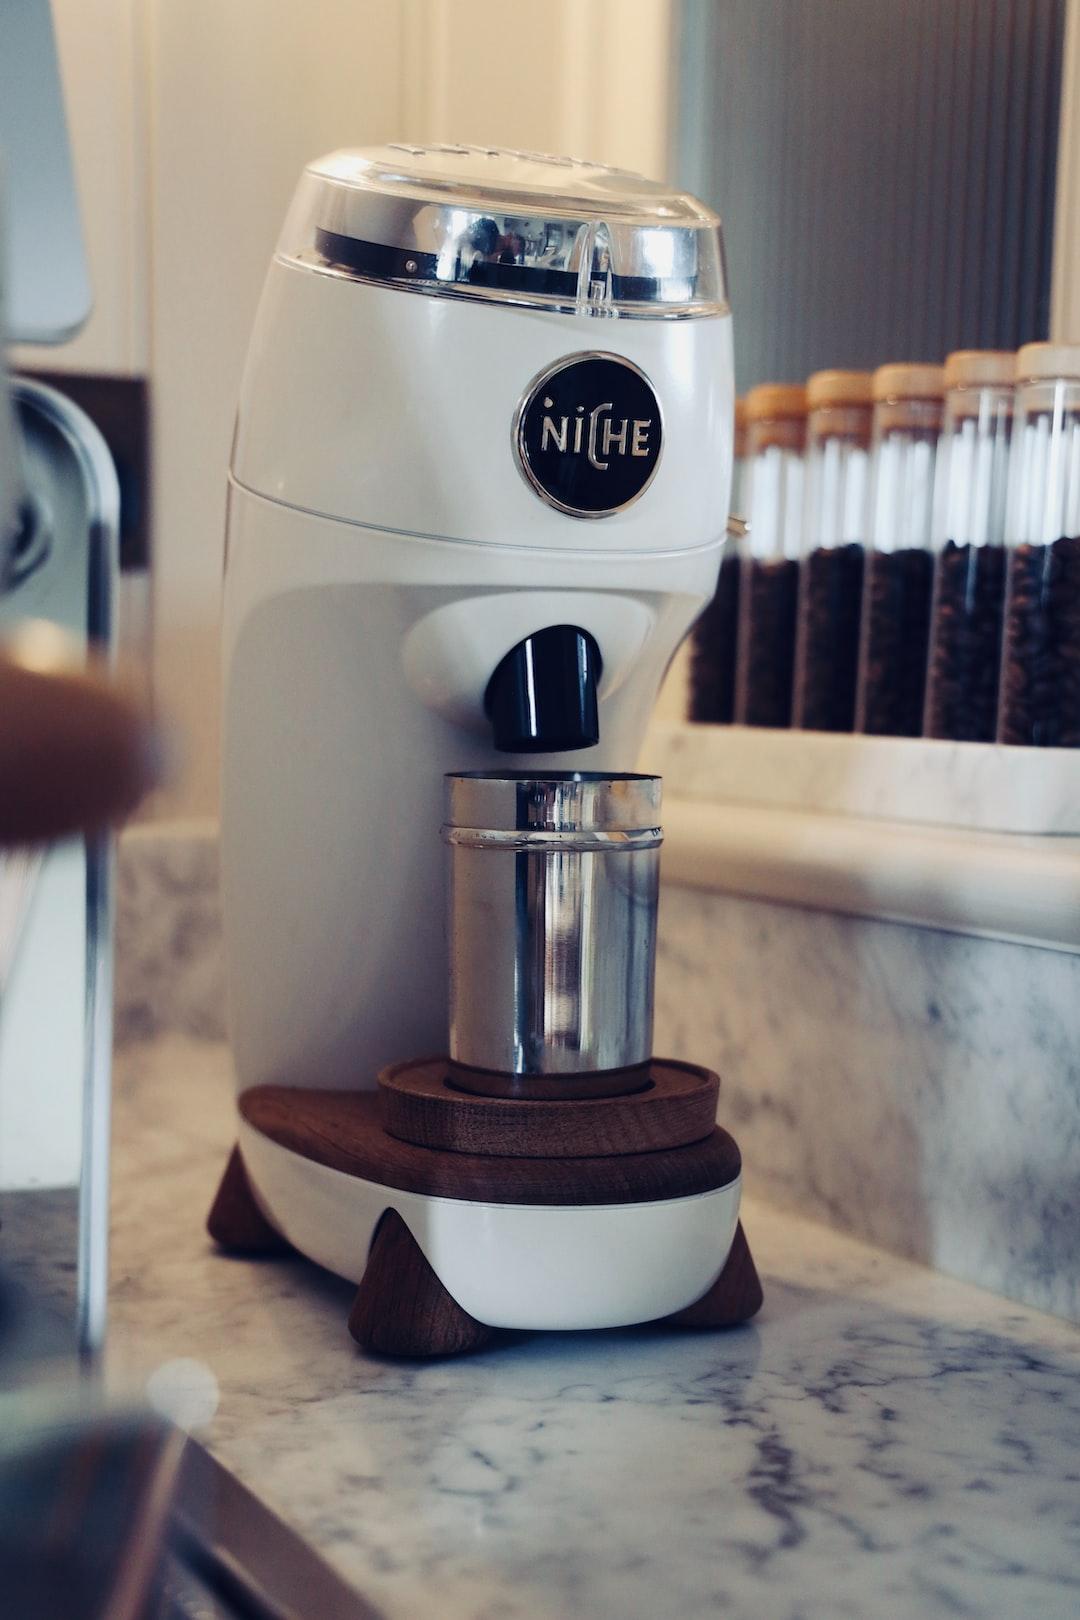 Niche Coffee Bean Grinder sitting on a marble worktop.